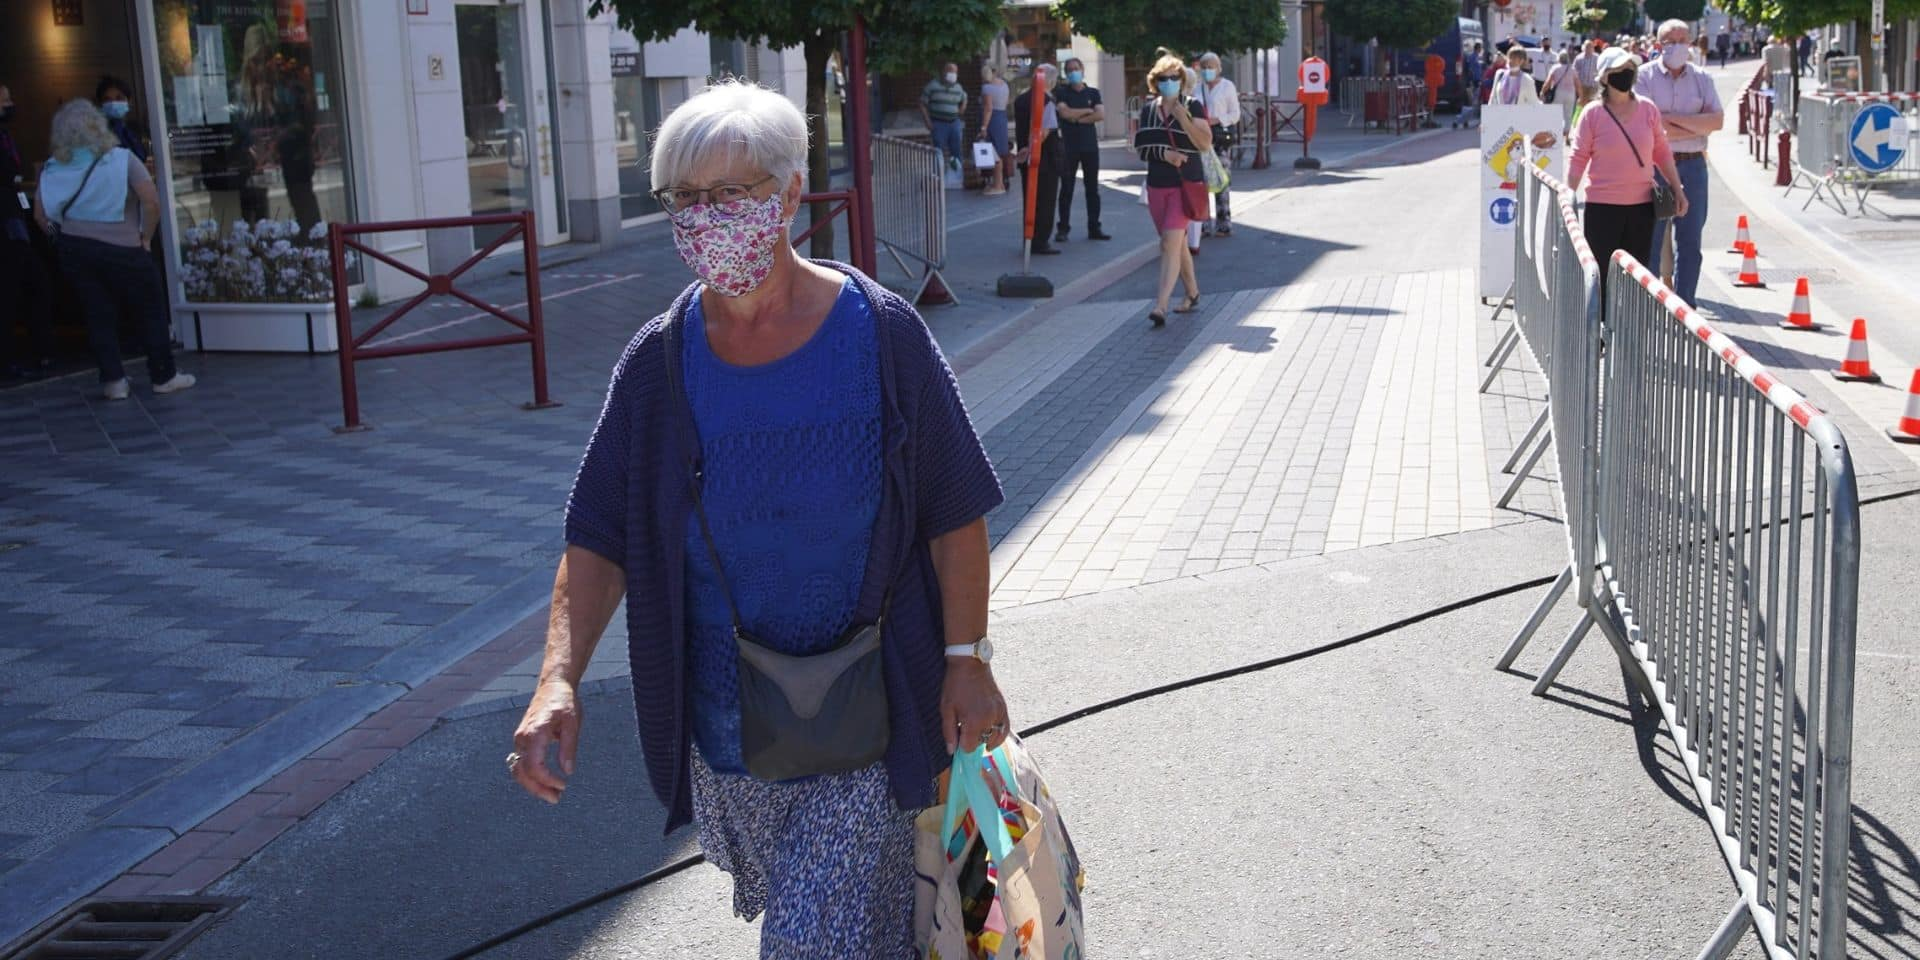 Les 70.000 masques seront distribués aux Wavriens ce dimanche